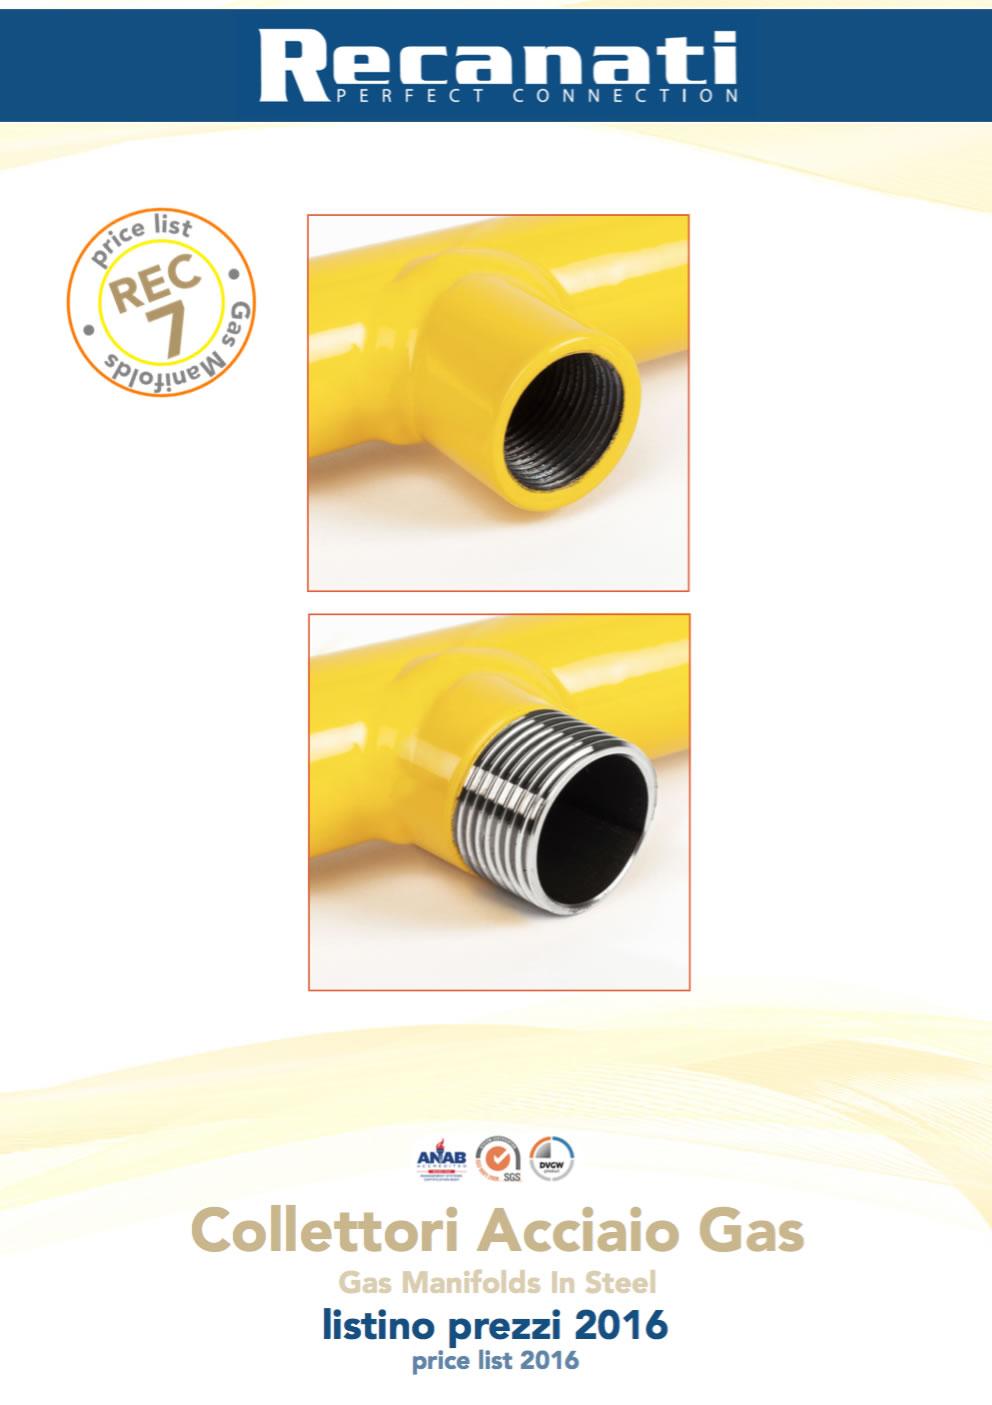 Catalogo Collettori in acciaio per gas